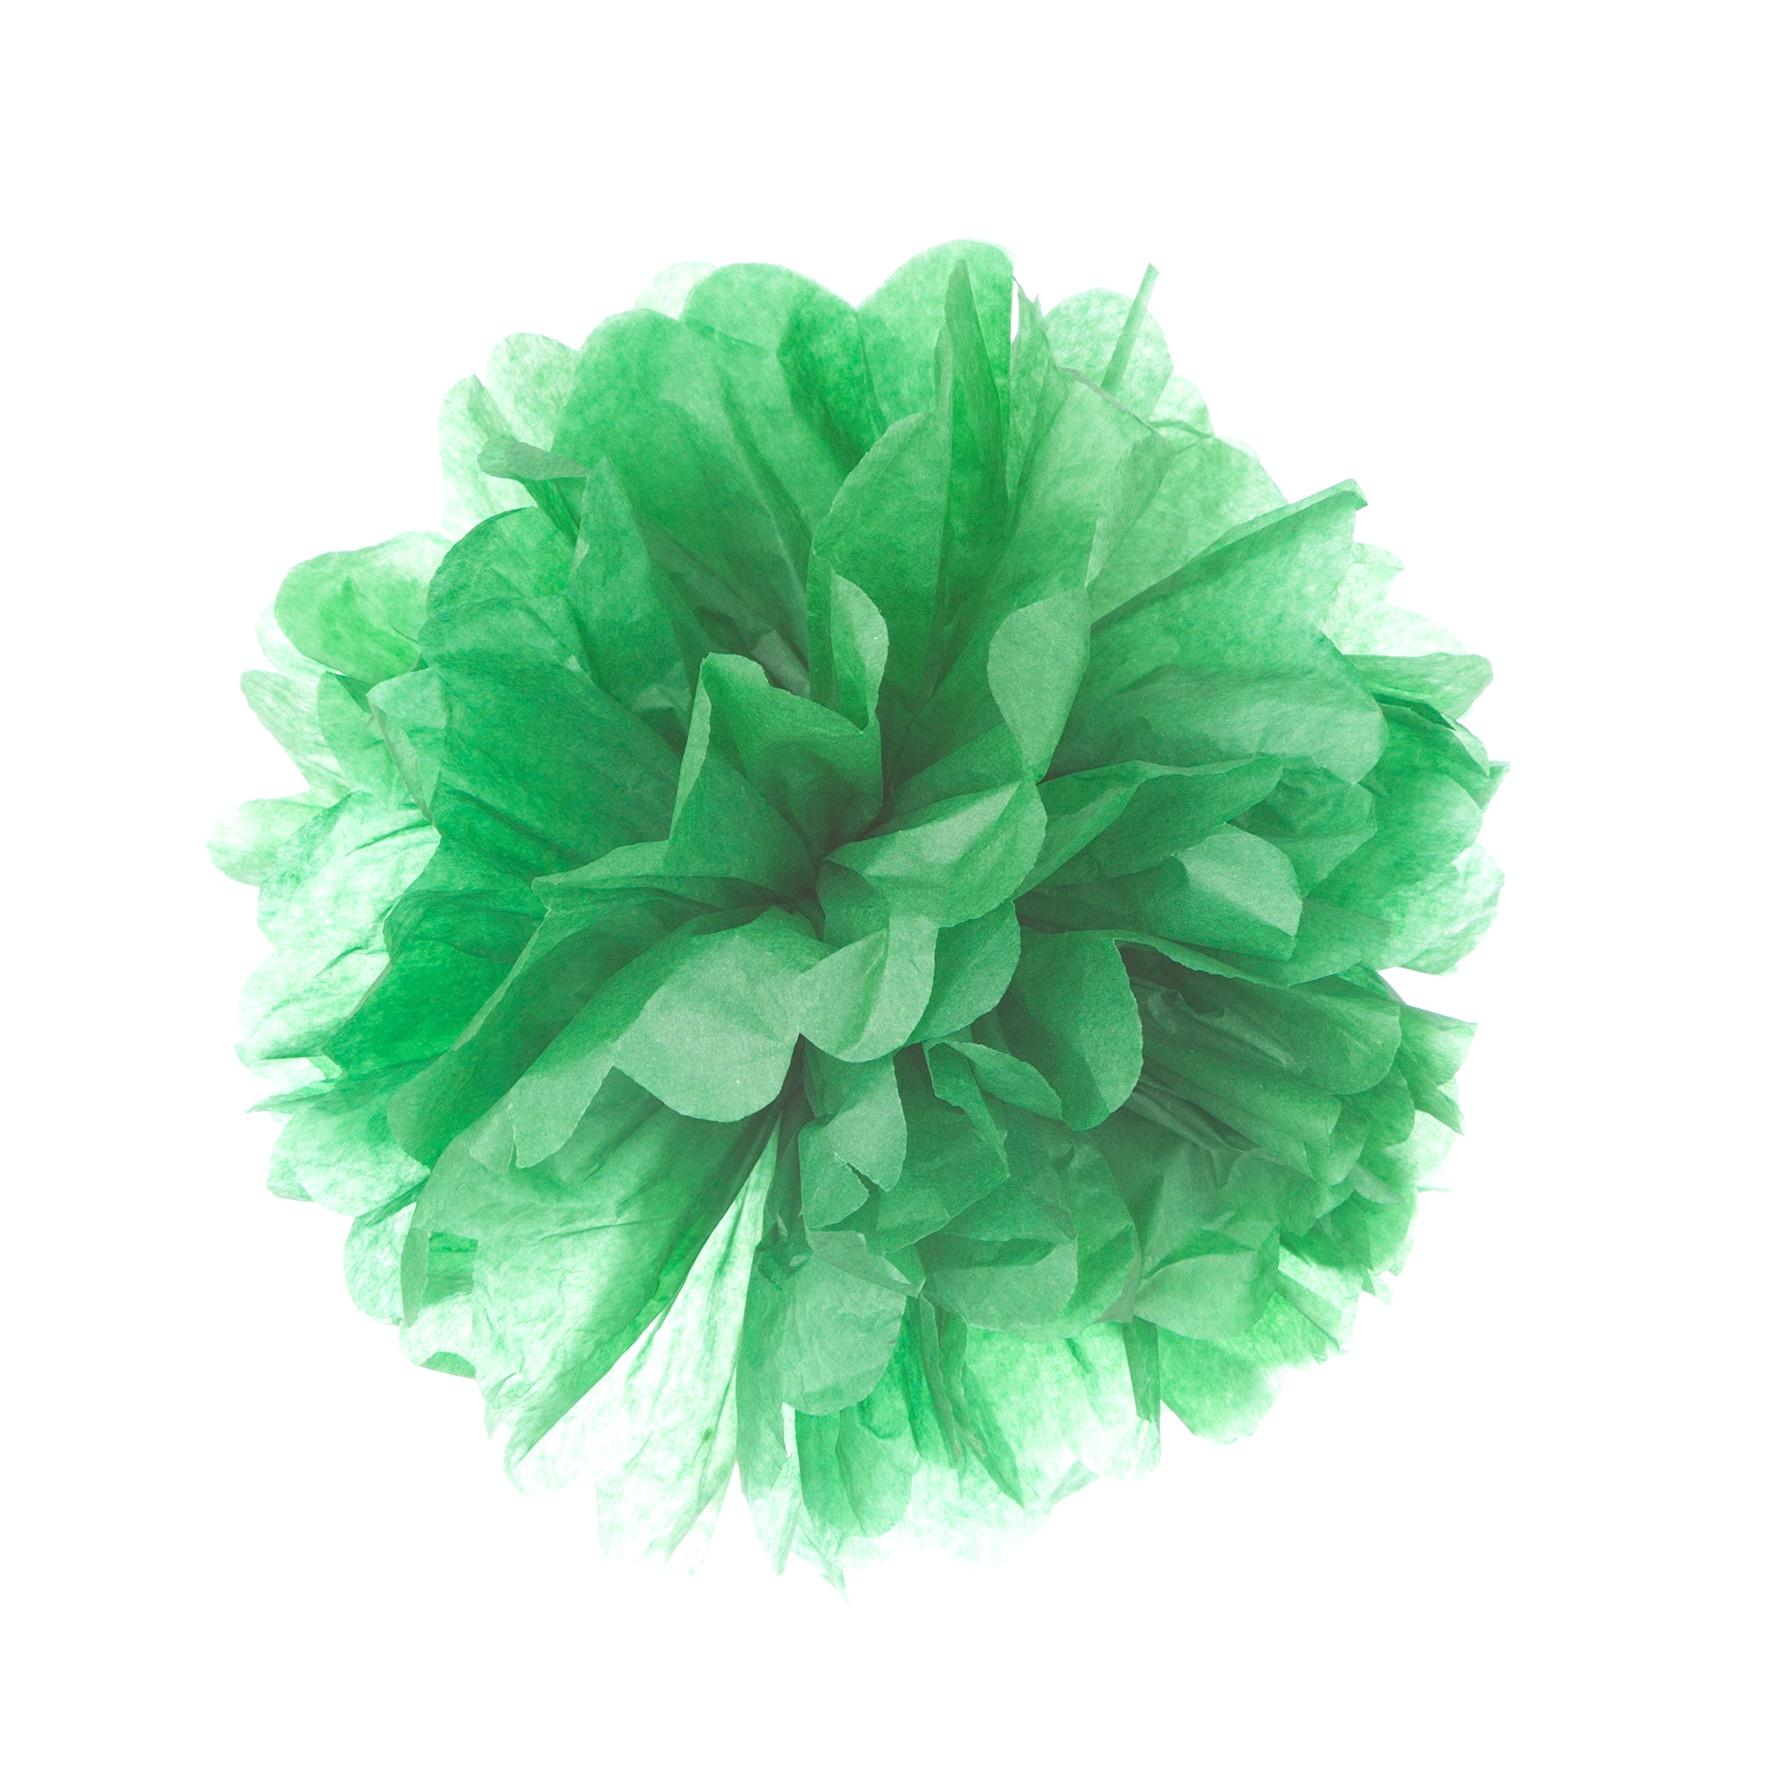 Pompom de papel de seda en color verde